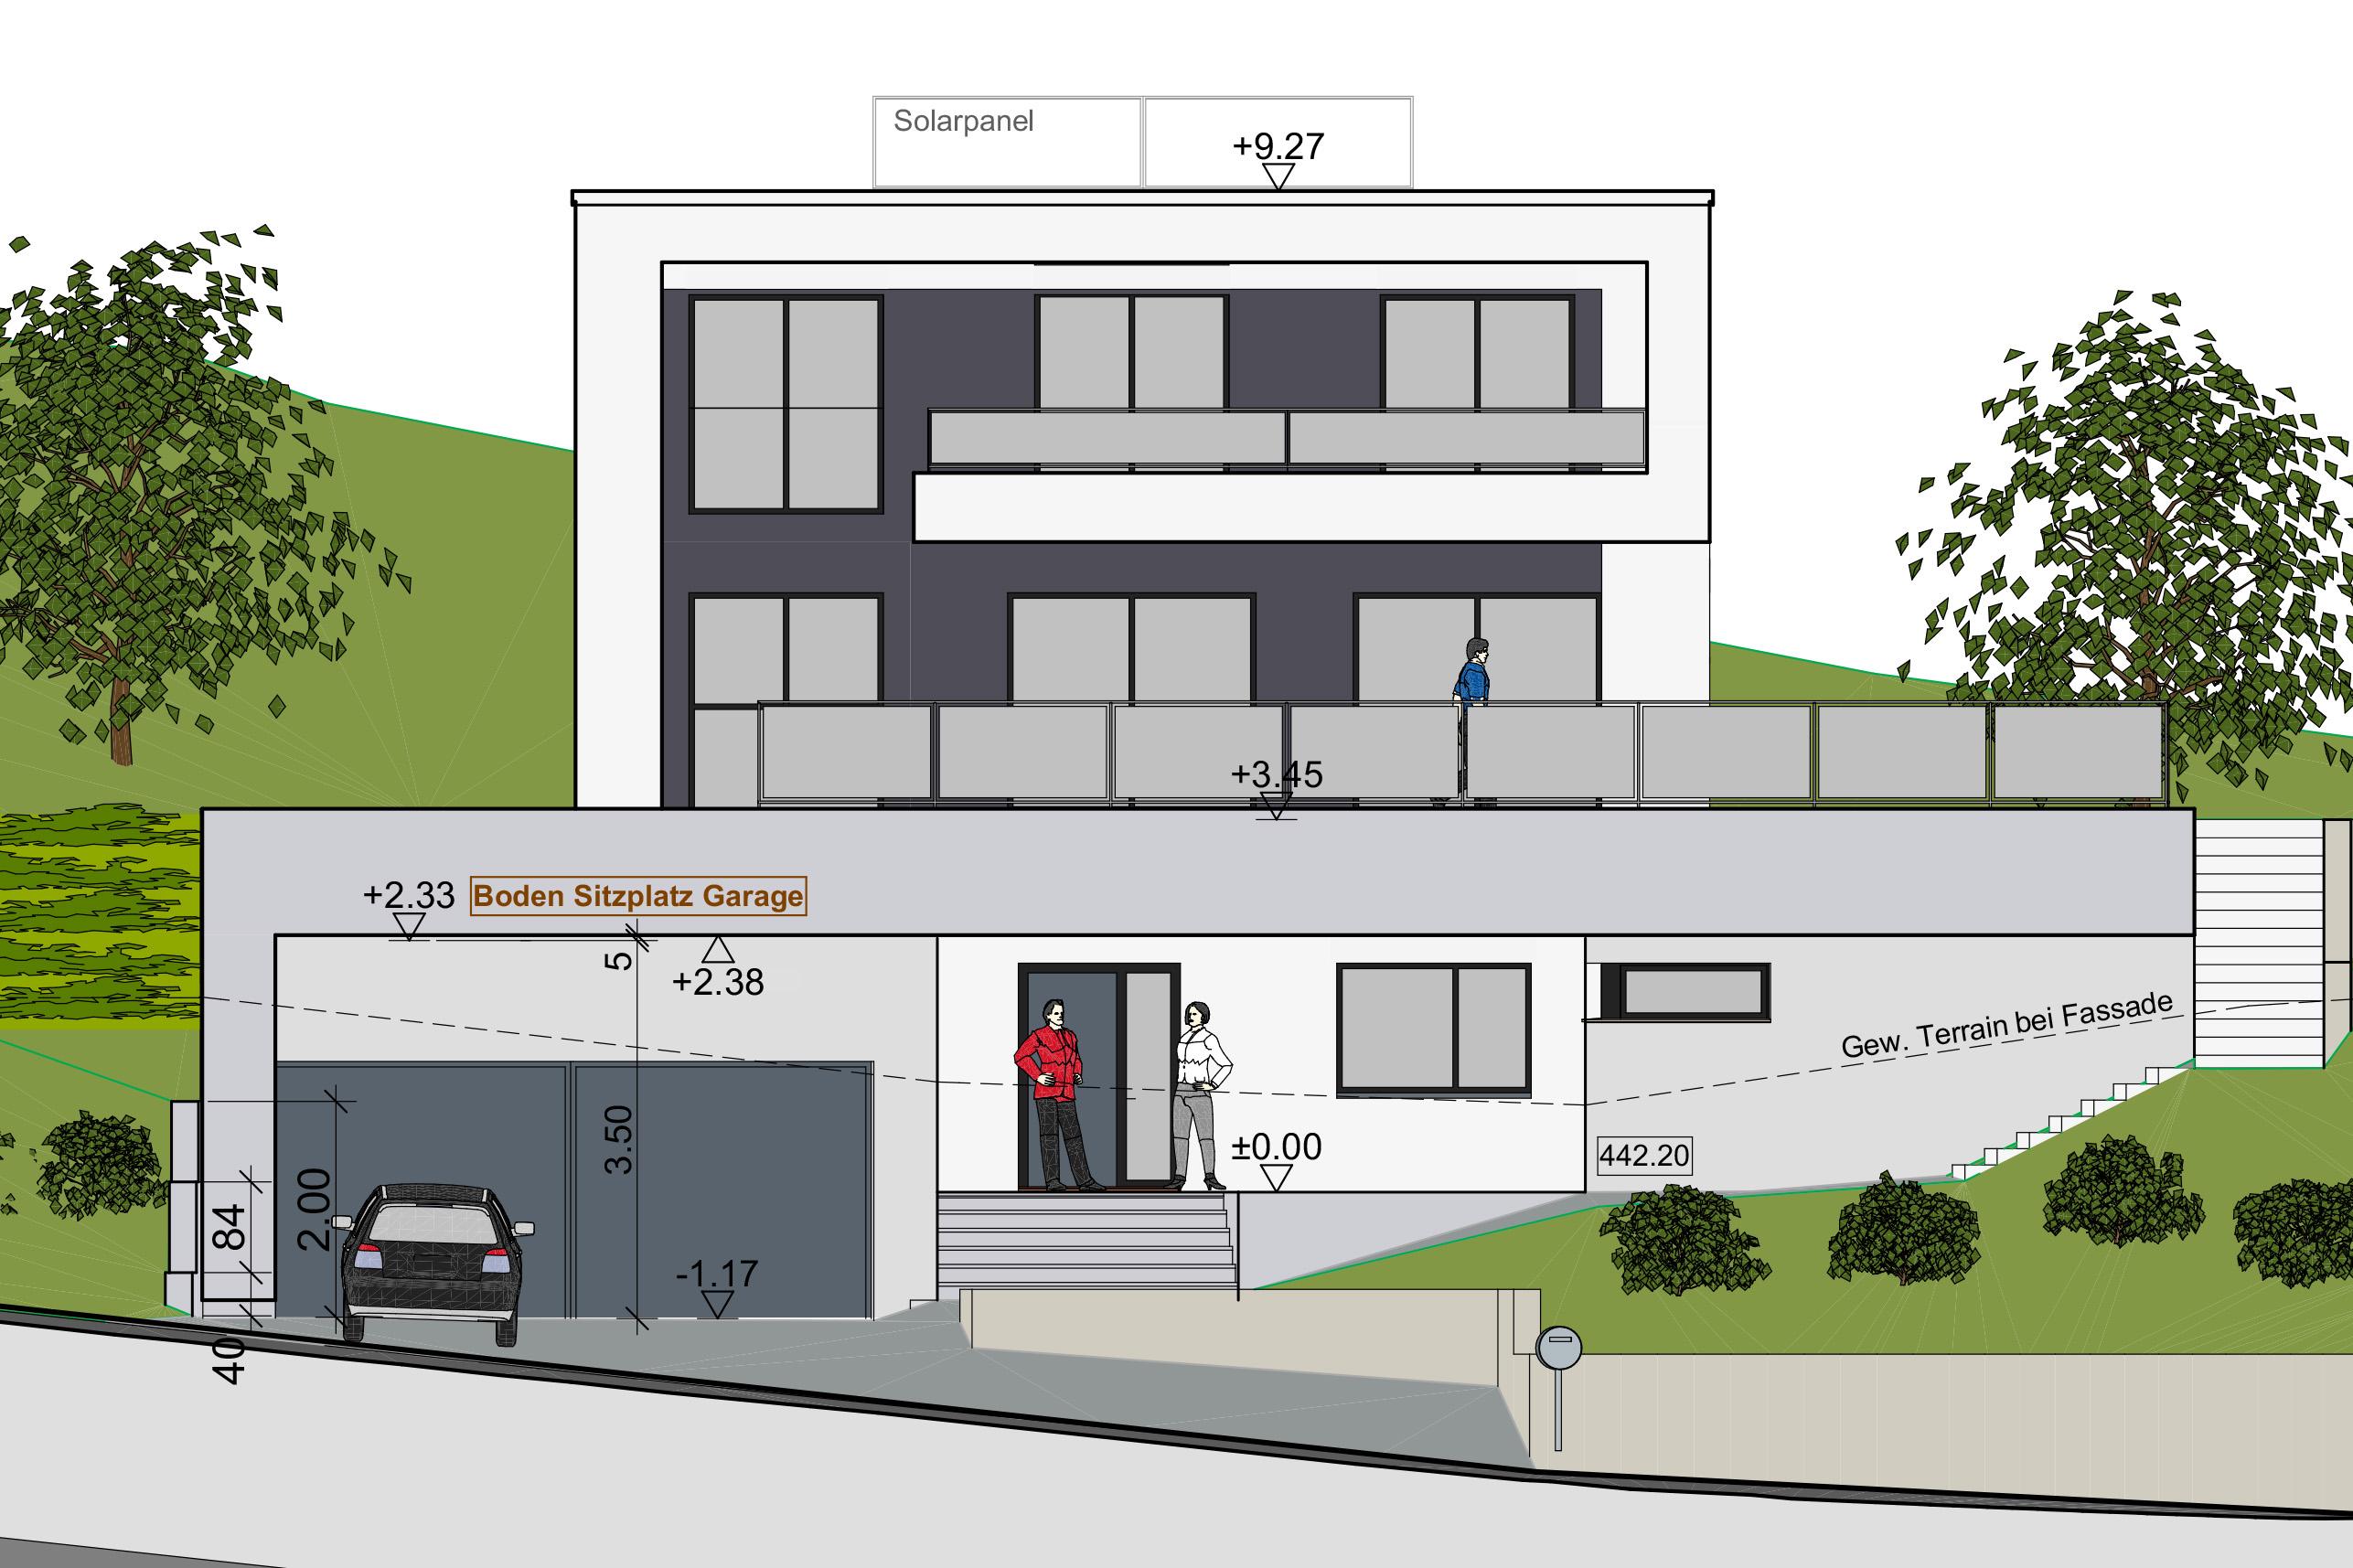 Studie Variante moderne Architektur Familie Garten Bauleitung Planung Kaltbrunn Ronner Design zeitgenössich modern kubisch Visualisierung Ansicht Südfassade Plan